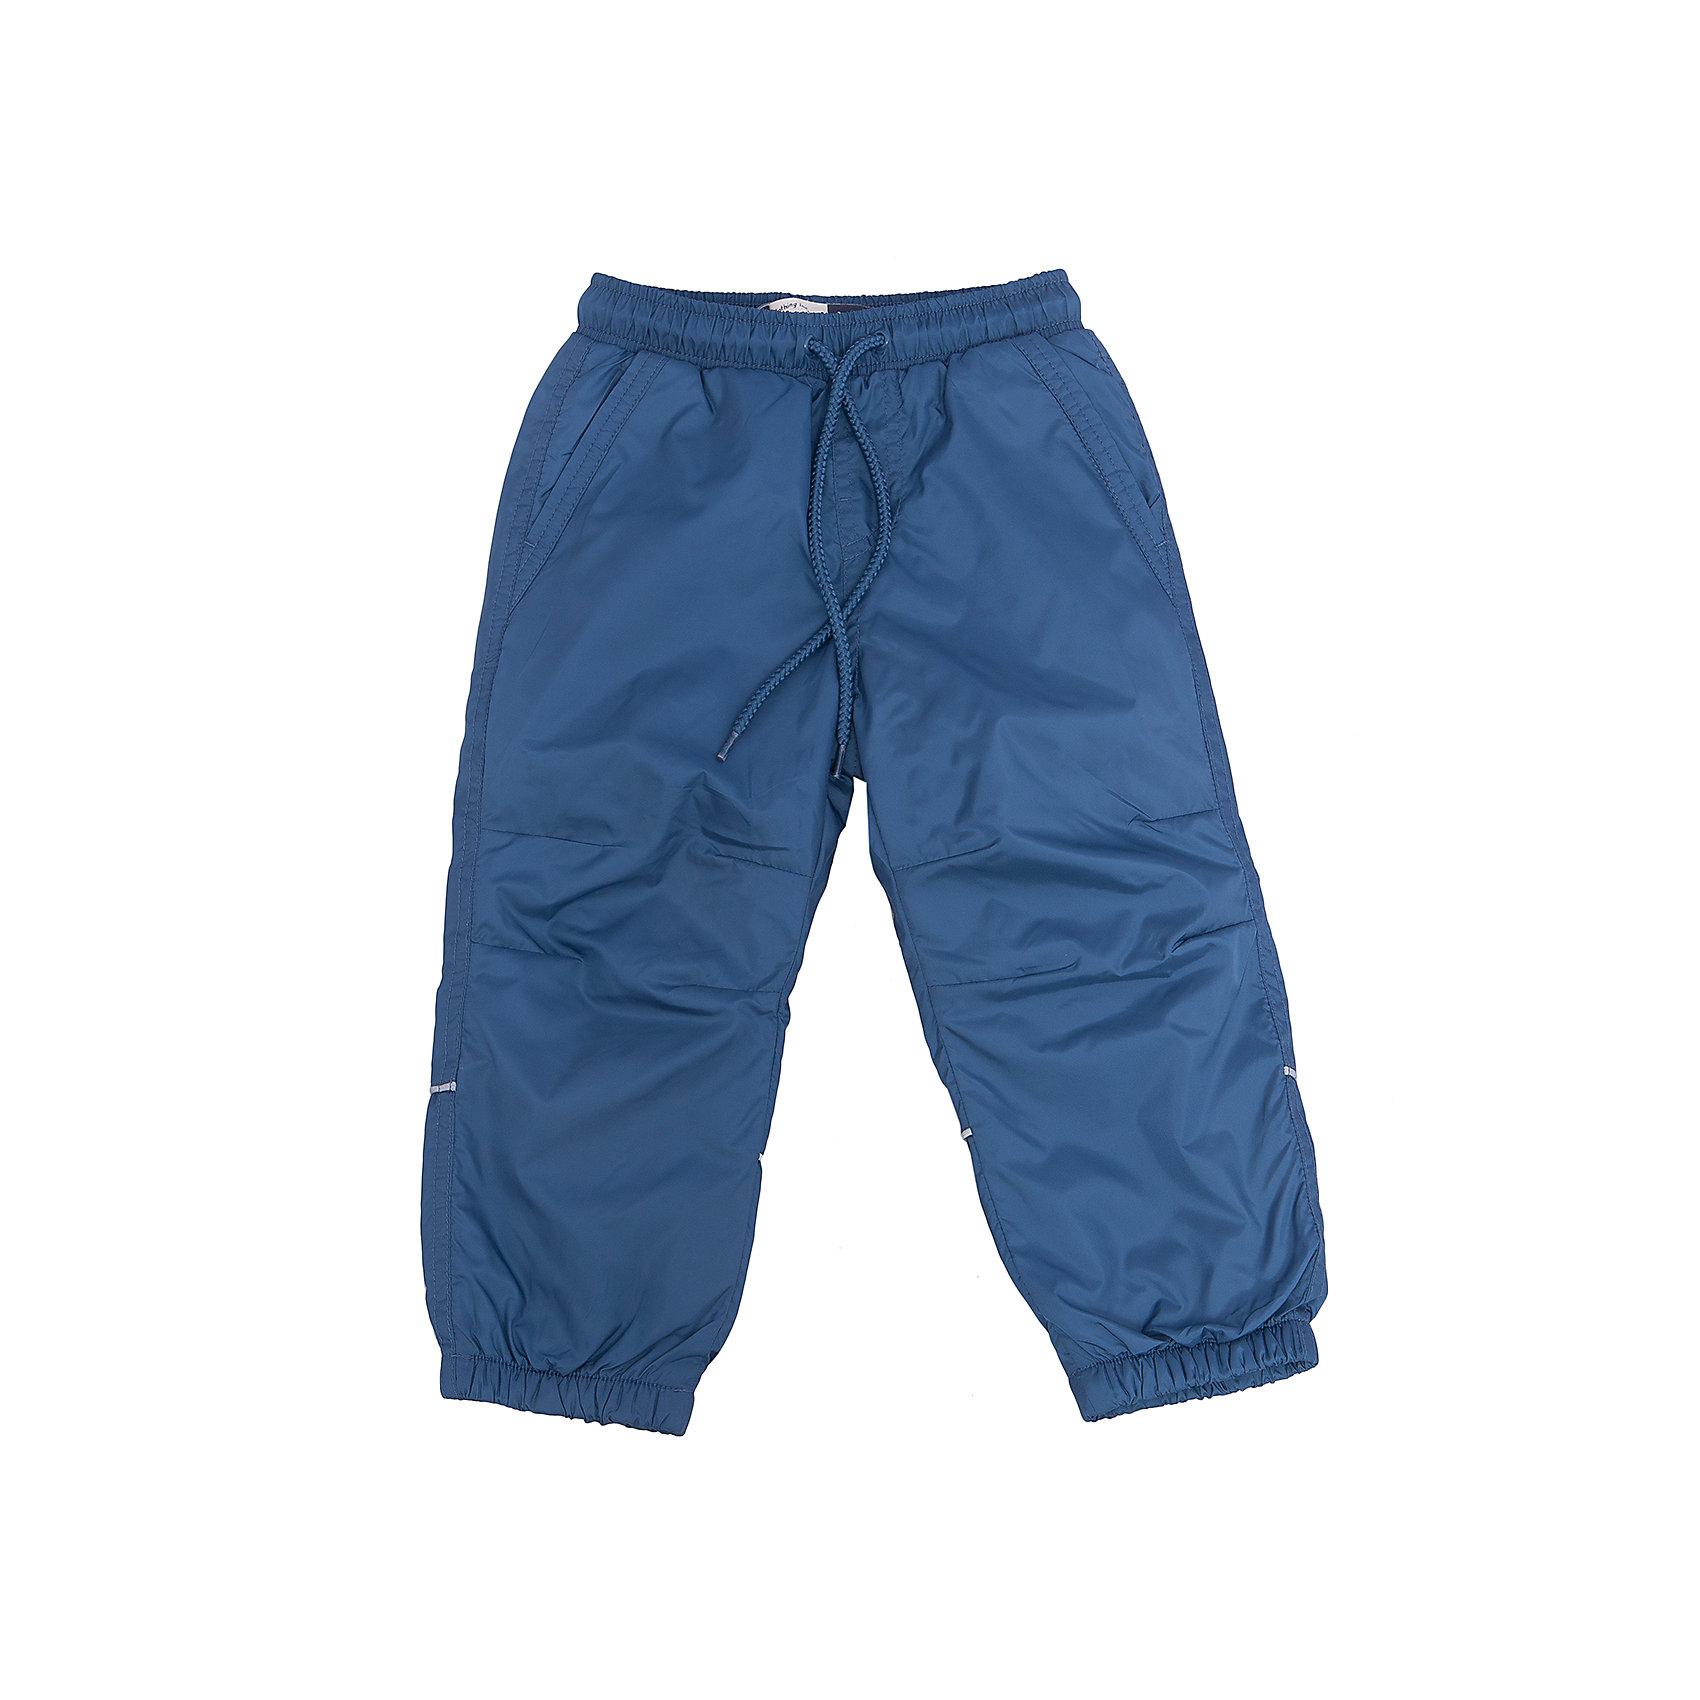 Брюки для мальчика SELAСпортивная одежда<br>Характеристики товара:<br><br>• цвет: синий<br>• состав: верх: 100% полиэстер, подкладка: 100% полиэстер<br>• температурный режим: от +5° до +15°С<br>• подкладка флис<br>• спортивный стиль<br>• имитация ширинки<br>• светоотражающие детали<br>• два втачных кармана<br>• сзади два накладных кармана на кнопке<br>• пояс: мягкая резинка со шнурком<br>• коллекция весна-лето 2017<br>• страна бренда: Российская Федерация<br><br>Вещи из новой коллекции SELA продолжают радовать удобством! Спортивные брюки помогут разнообразить гардероб и обеспечить комфорт. Они отлично сочетаются с майками, футболками, куртками. В составе материала - натуральный хлопок.<br><br>Одежда, обувь и аксессуары от российского бренда SELA не зря пользуются большой популярностью у детей и взрослых! Модели этой марки - стильные и удобные, цена при этом неизменно остается доступной. Для их производства используются только безопасные, качественные материалы и фурнитура. Новая коллекция поддерживает хорошие традиции бренда! <br><br>Брюки для мальчика от популярного бренда SELA (СЕЛА) можно купить в нашем интернет-магазине.<br><br>Ширина мм: 215<br>Глубина мм: 88<br>Высота мм: 191<br>Вес г: 336<br>Цвет: голубой<br>Возраст от месяцев: 60<br>Возраст до месяцев: 72<br>Пол: Мужской<br>Возраст: Детский<br>Размер: 116,92,98,104,110<br>SKU: 5302668